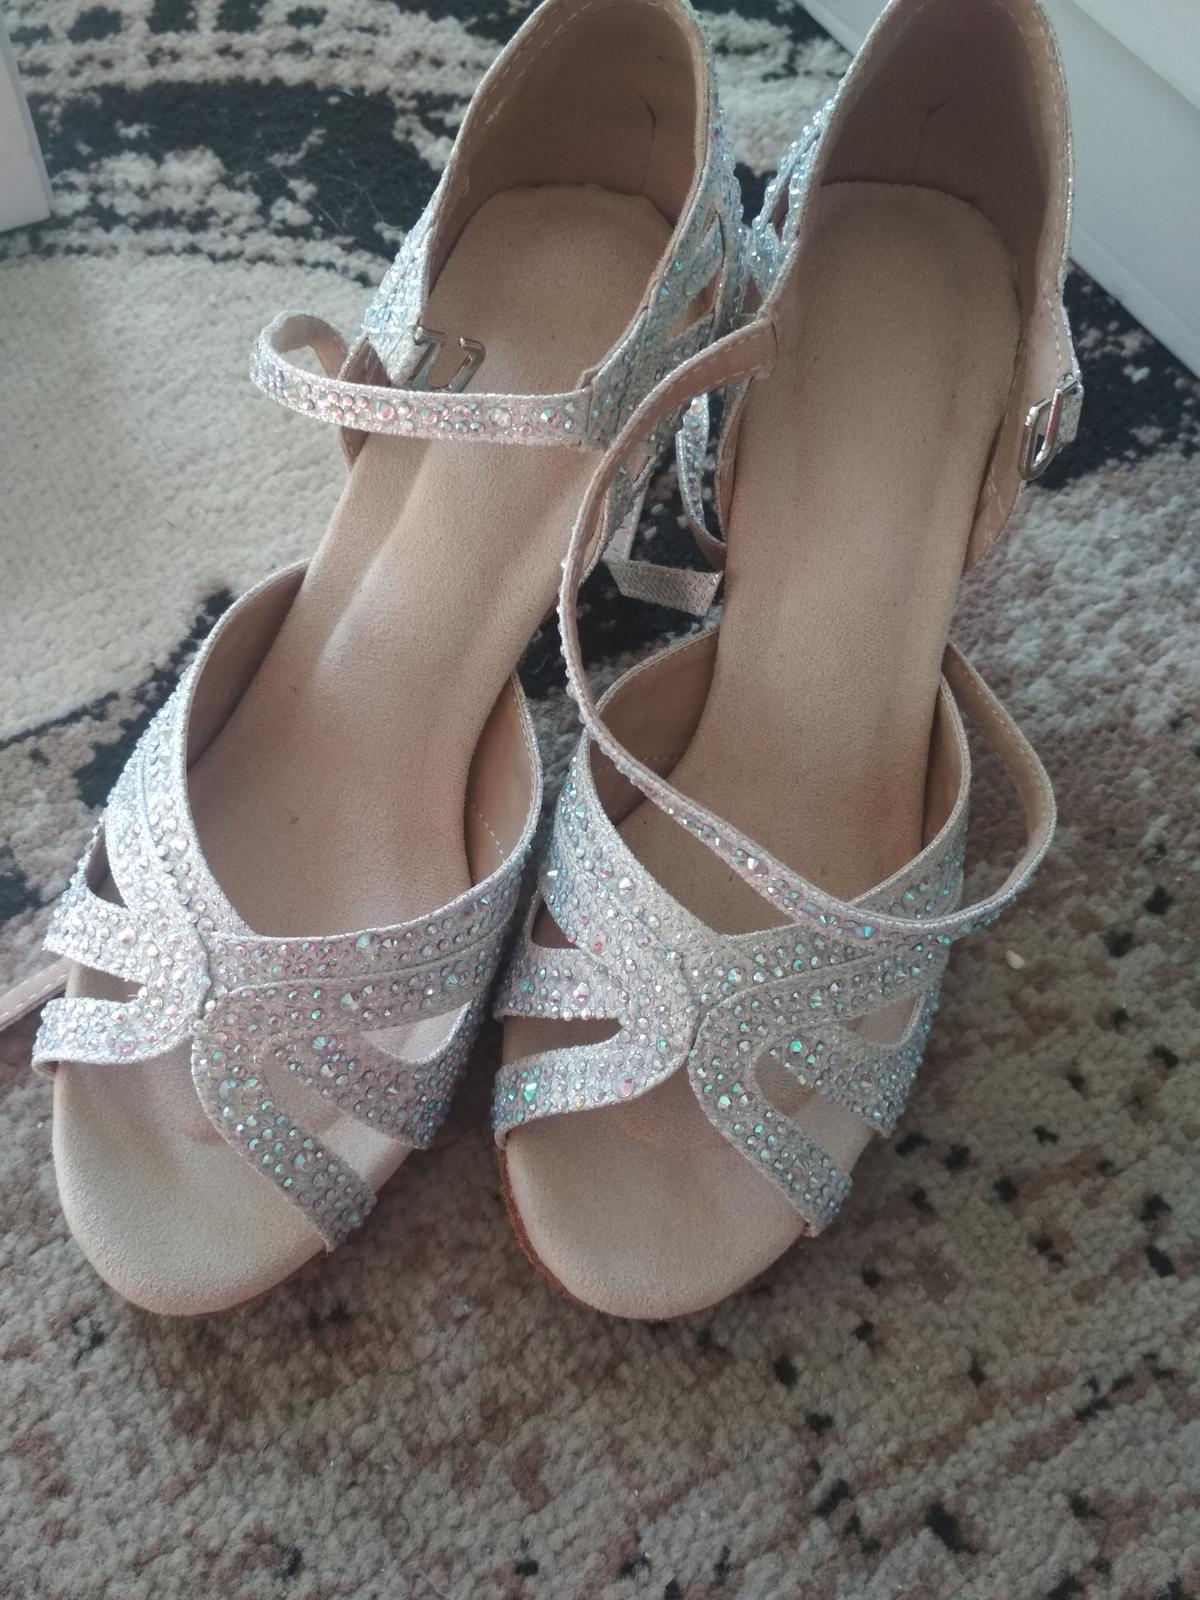 svadobné topánky 34 - Obrázok č. 1